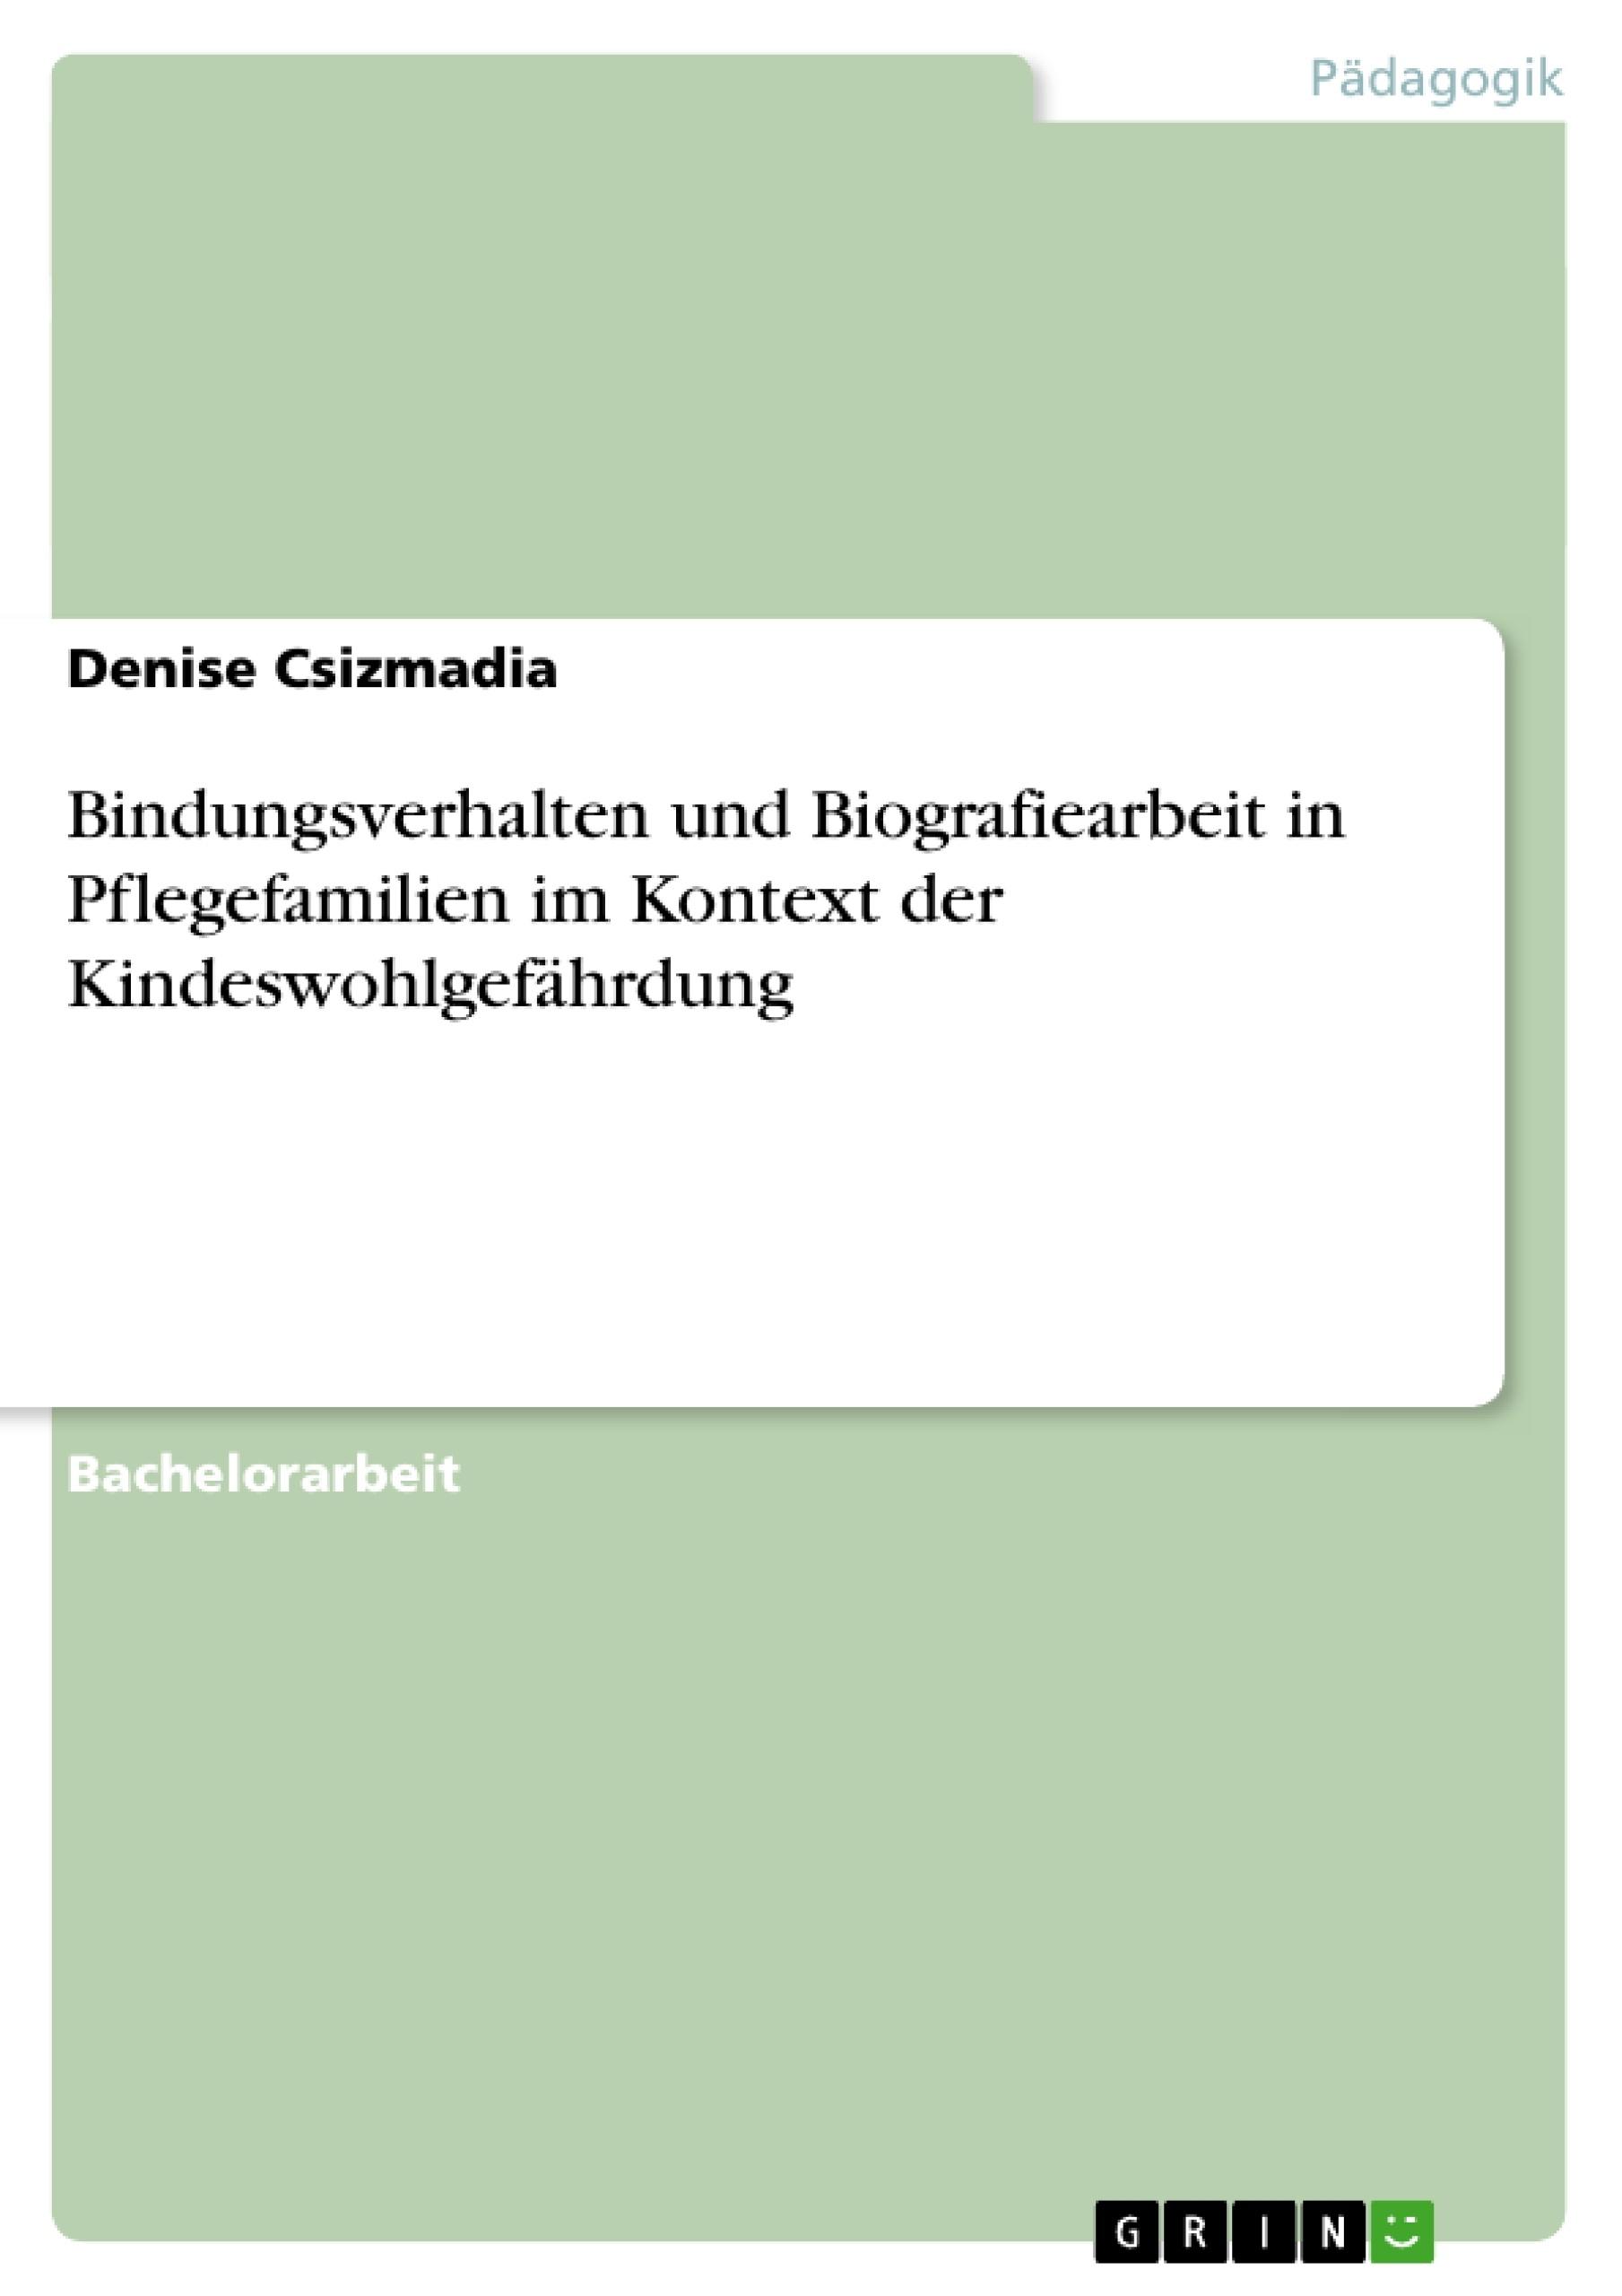 Titel: Bindungsverhalten und Biografiearbeit in Pflegefamilien im Kontext der Kindeswohlgefährdung